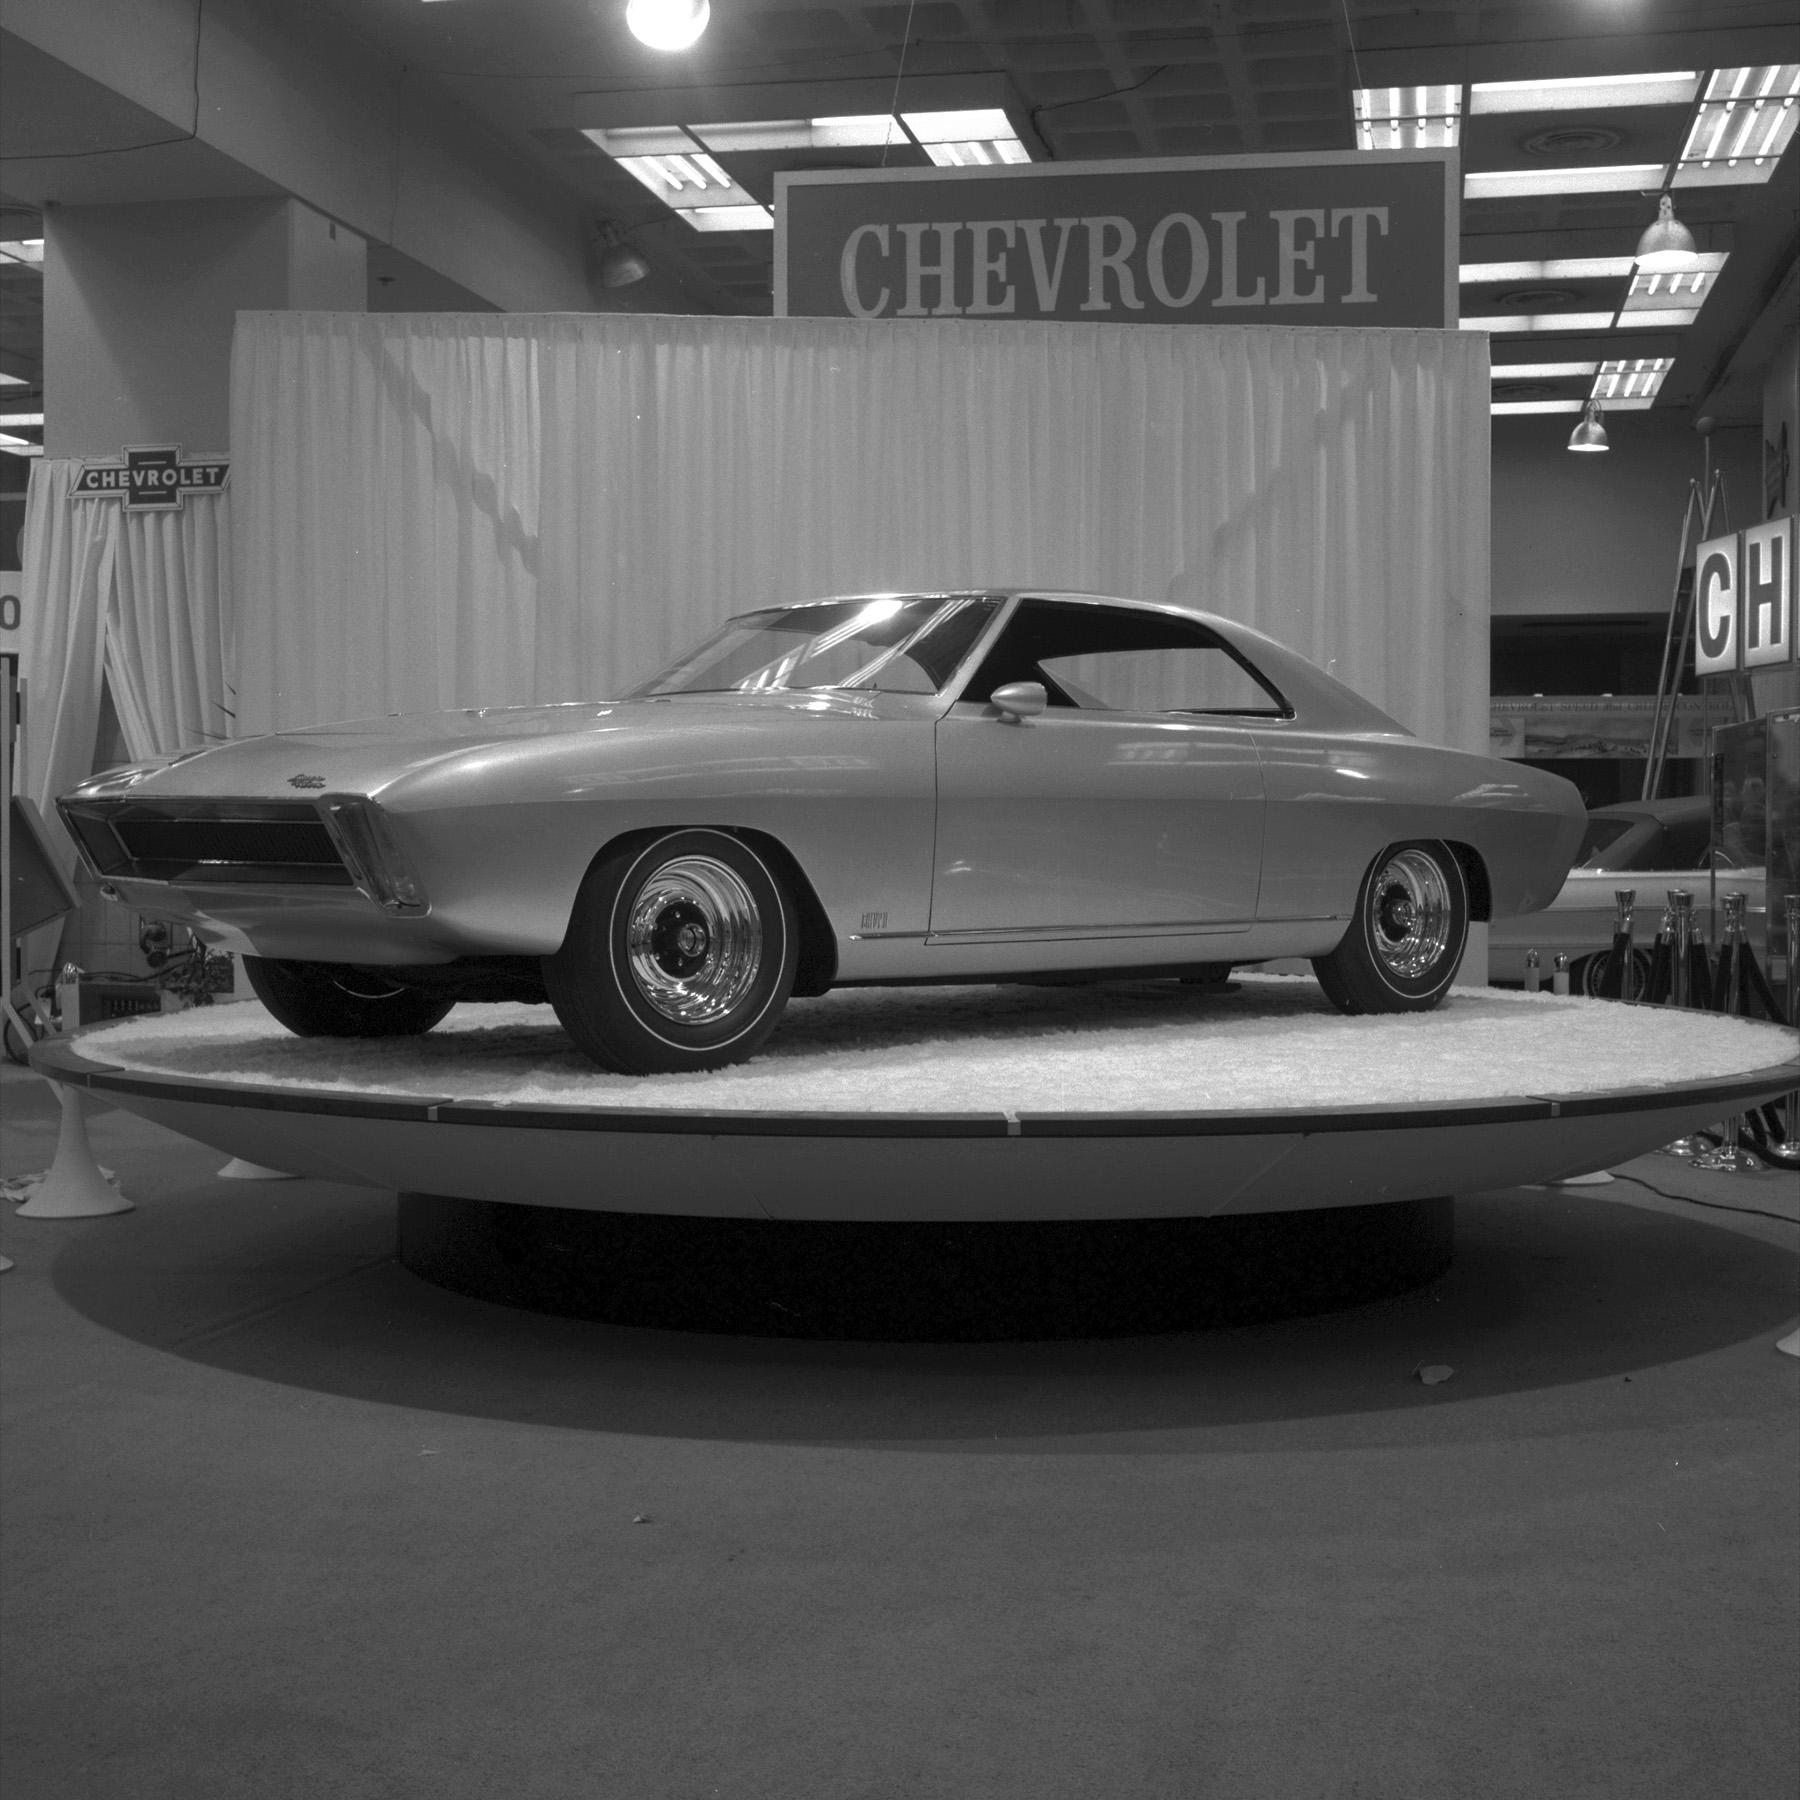 1964 Chevrolet Super Nova concept ny show front three quarter